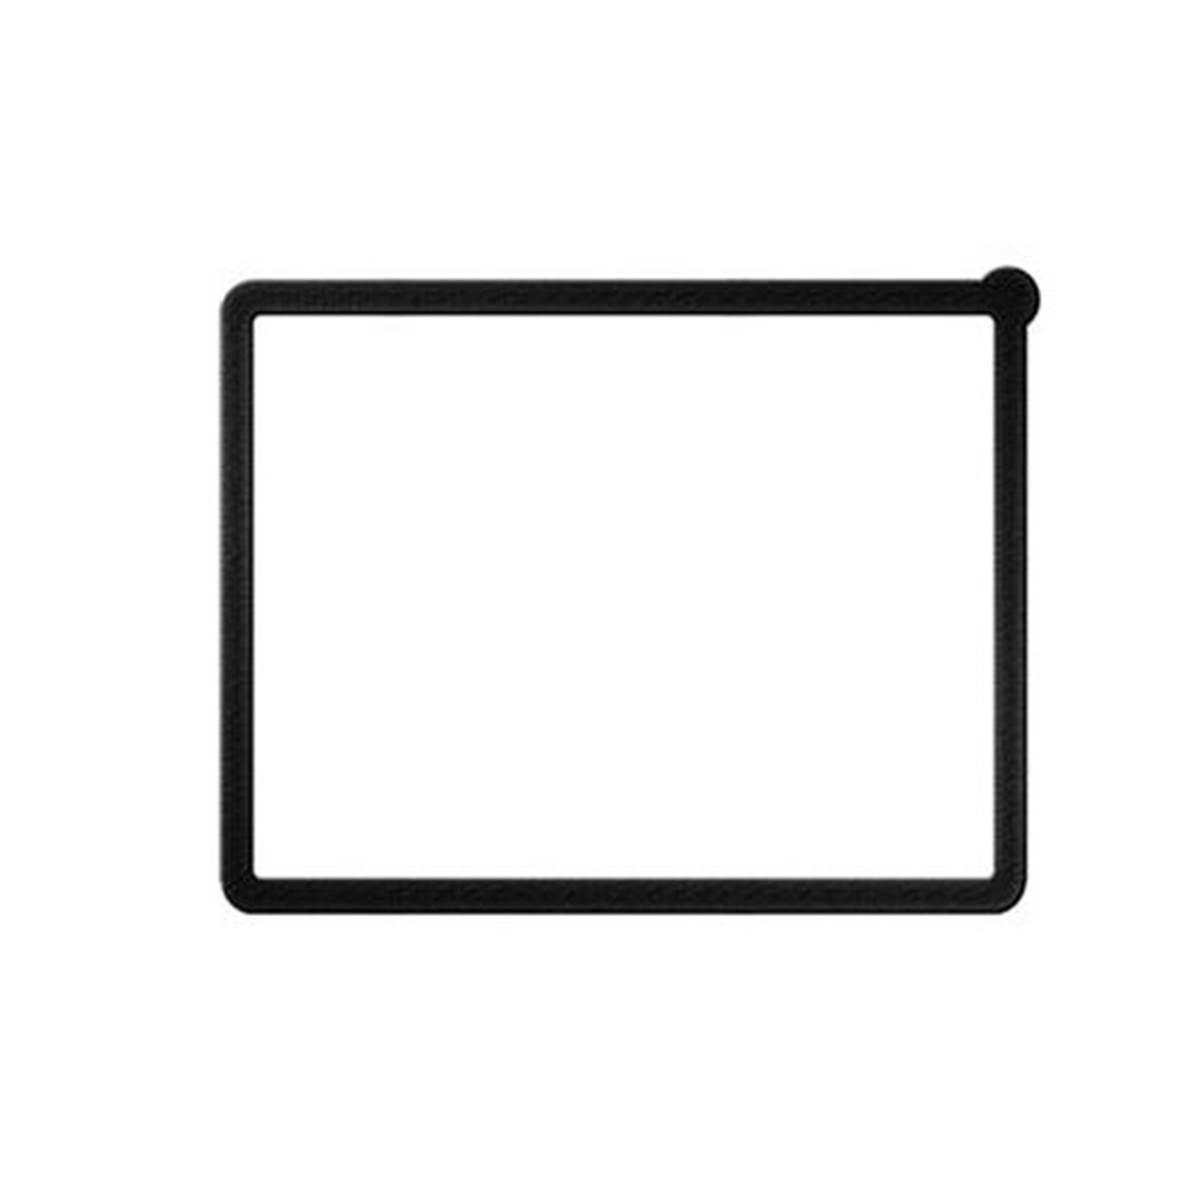 lcdvf support aimant pour viseur lcdvf 4 3 prophot. Black Bedroom Furniture Sets. Home Design Ideas